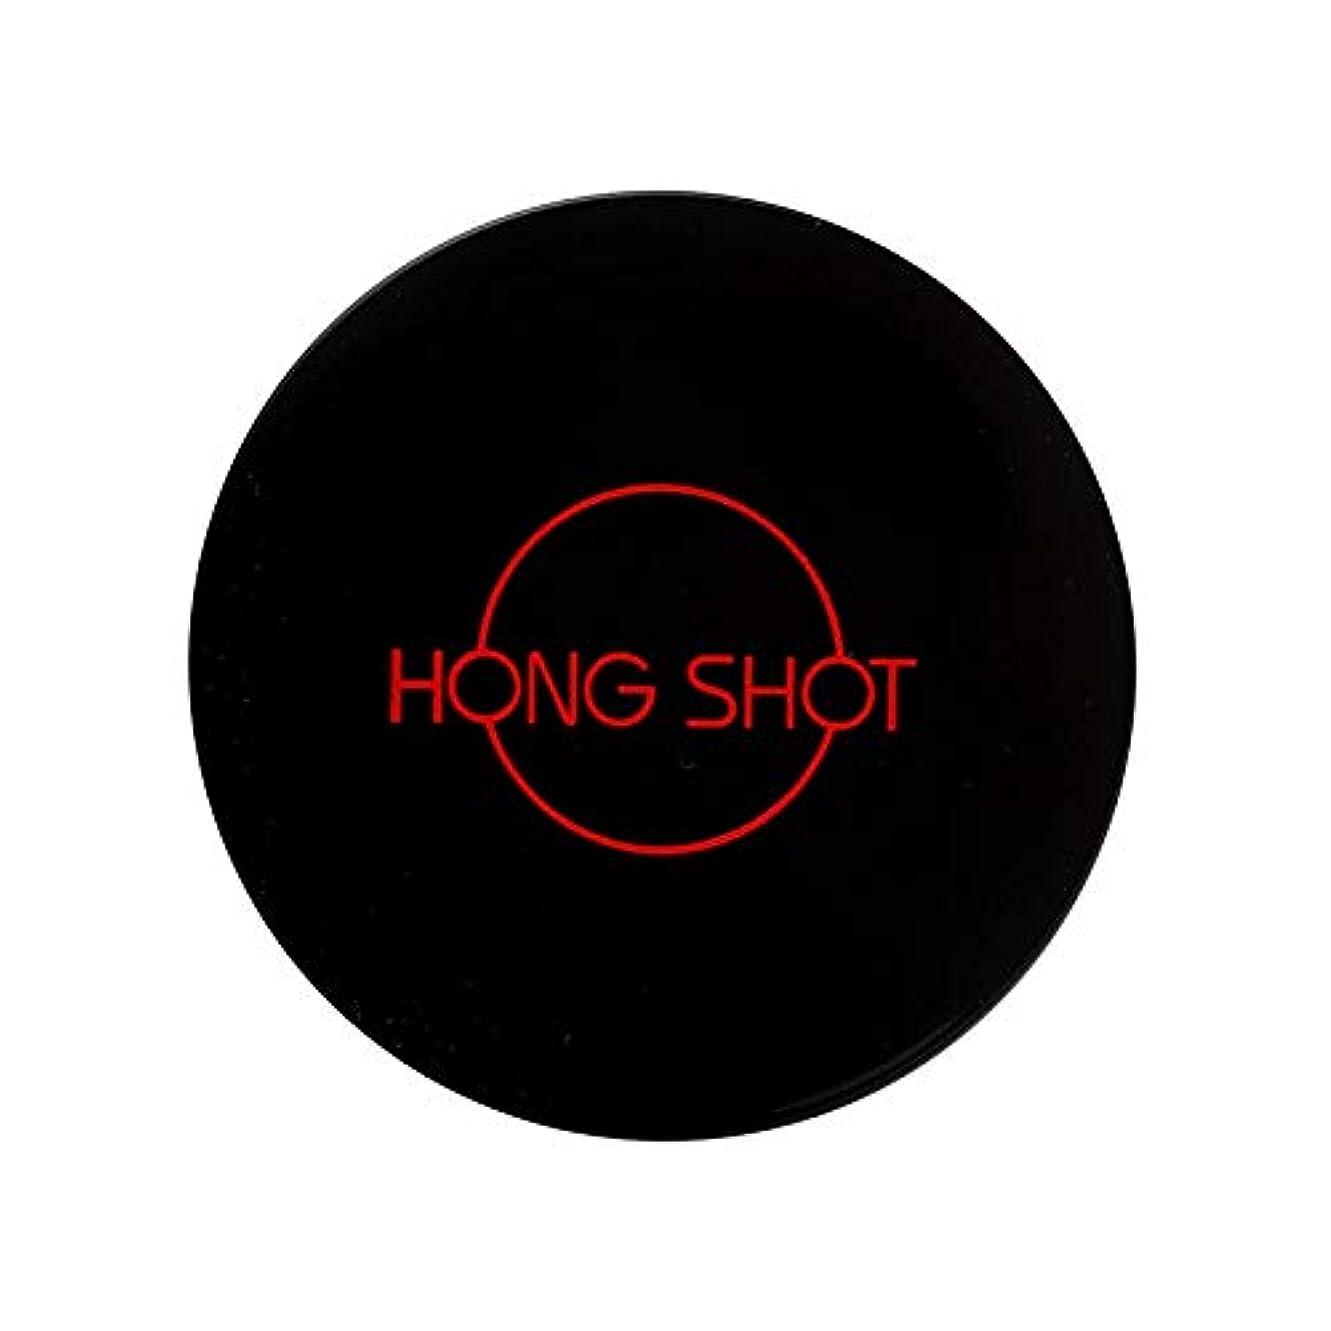 予約ダム緊張する[HONG SHOT] ホンシャトパワーラスティングコンシルファクト 16g / HONGSHOT POWER LASTING CONCEAL PACT 16g / Hongjinyoung PACT [並行輸入品] (...